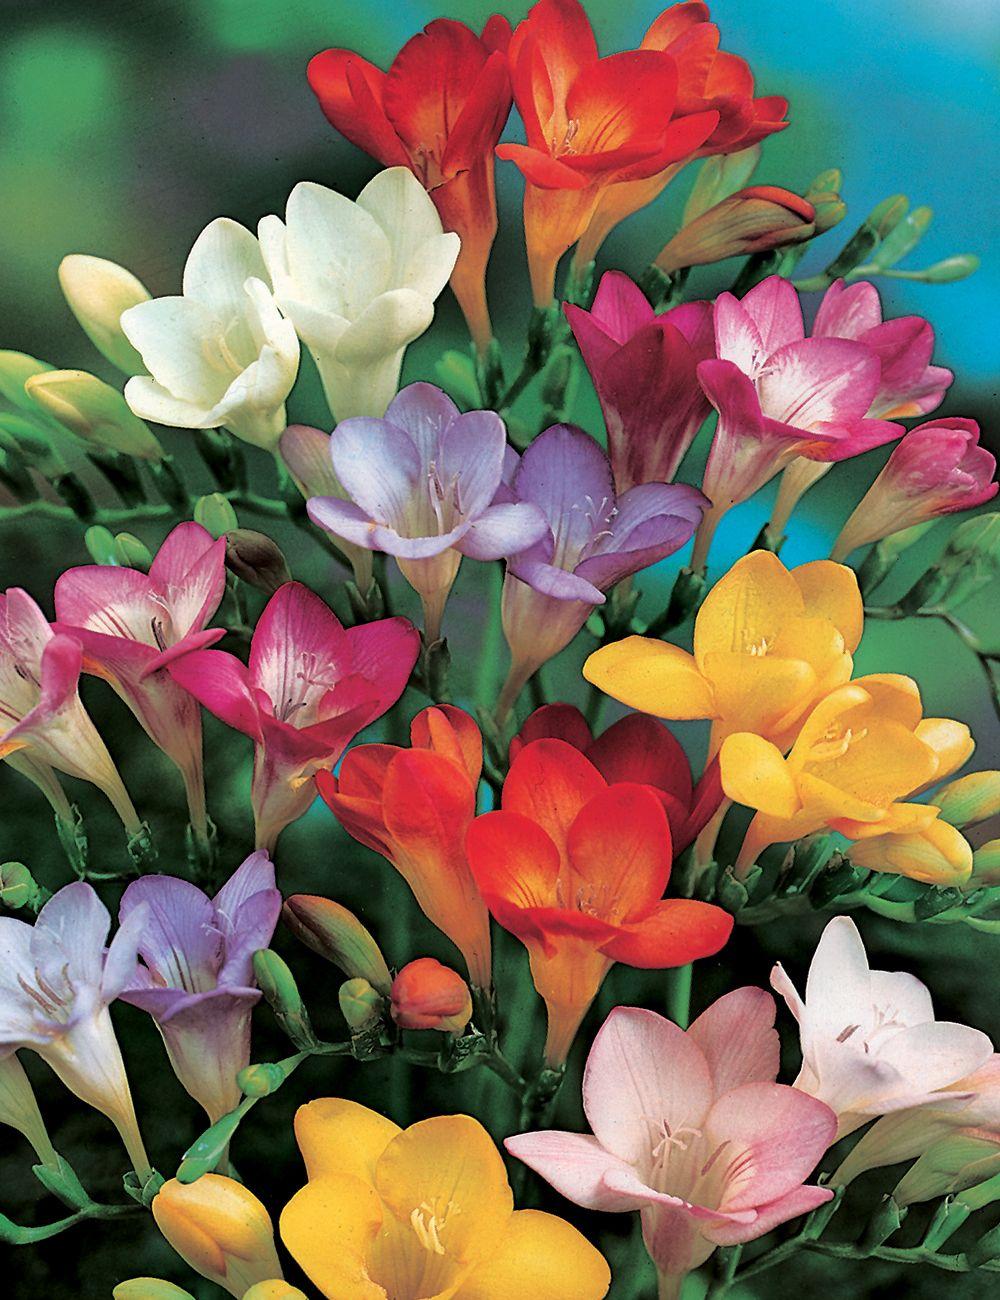 Burgunden Freesias Mixed Tesselaar In 2020 Freesia Flowers Happy Flowers Fresia Flower